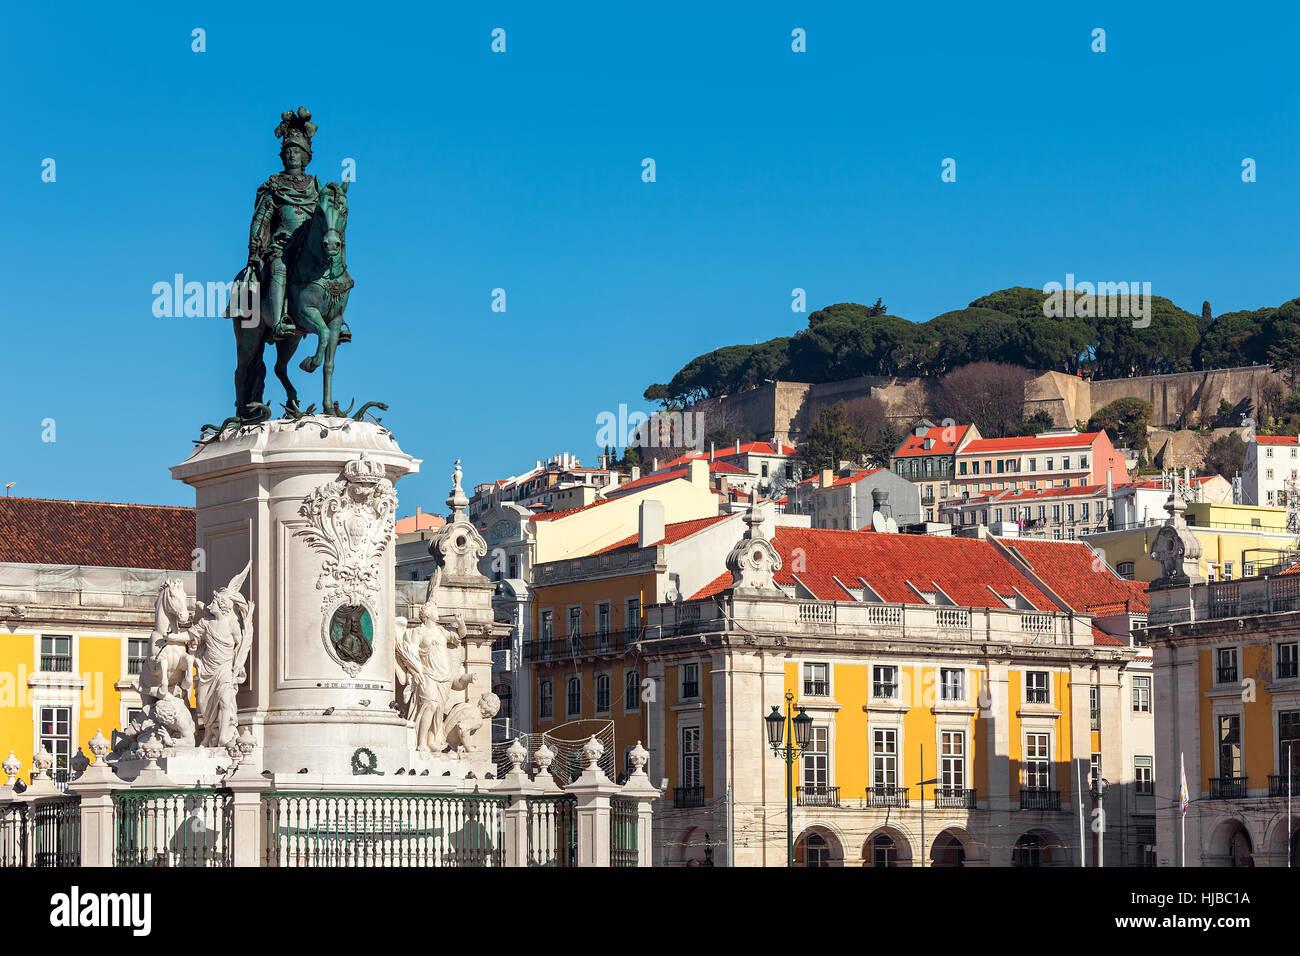 Bronze-Statue von König José auf dem Pferd als alte bunte Häuser auf Hintergrund unter blauem Himmel Stockbild